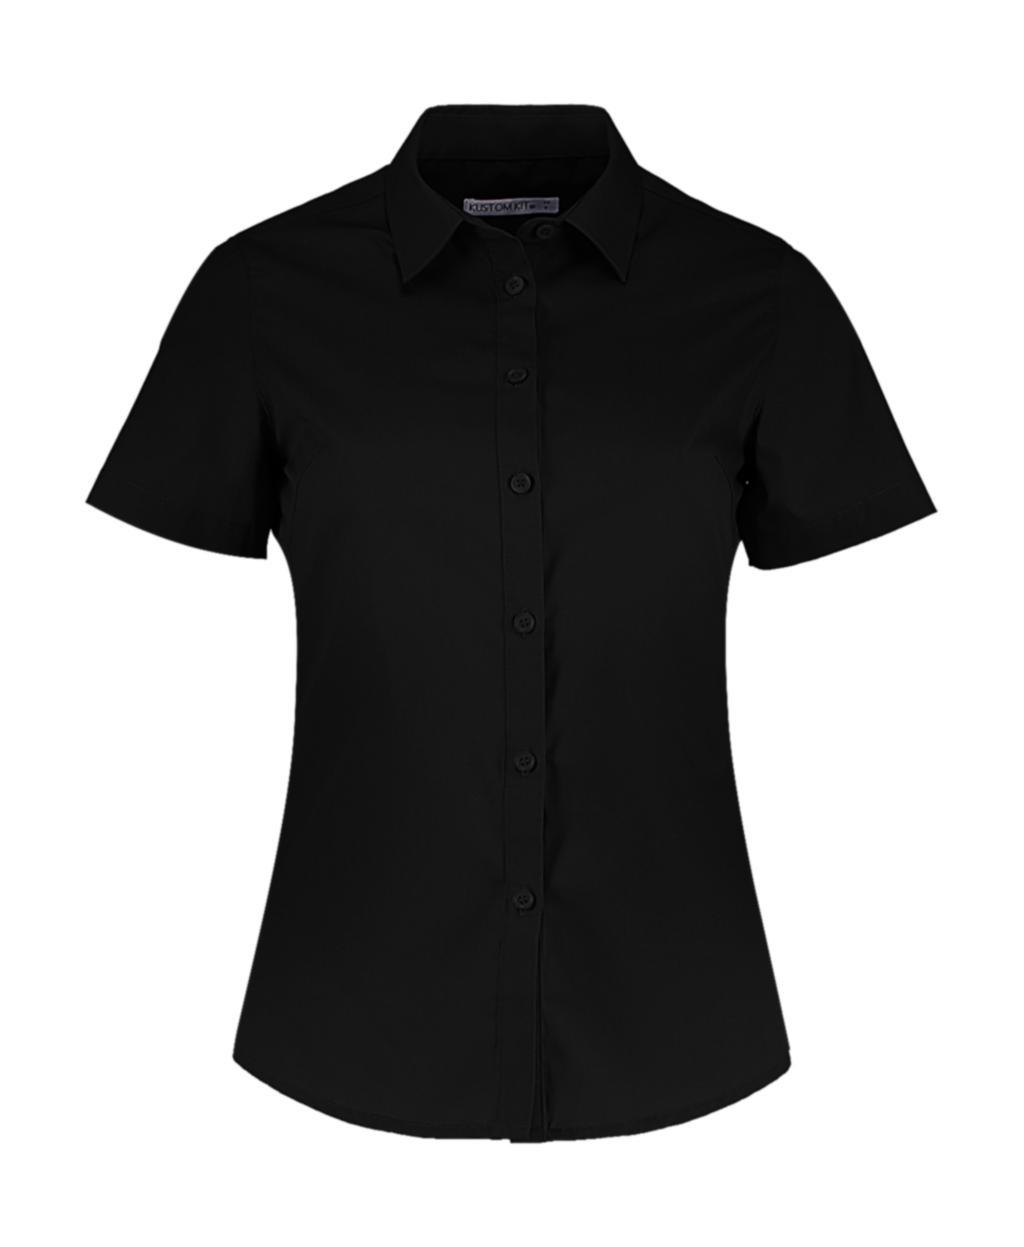 Dámská košile Poplin Tailored fit s kr. ruk. - zvìtšit obrázek